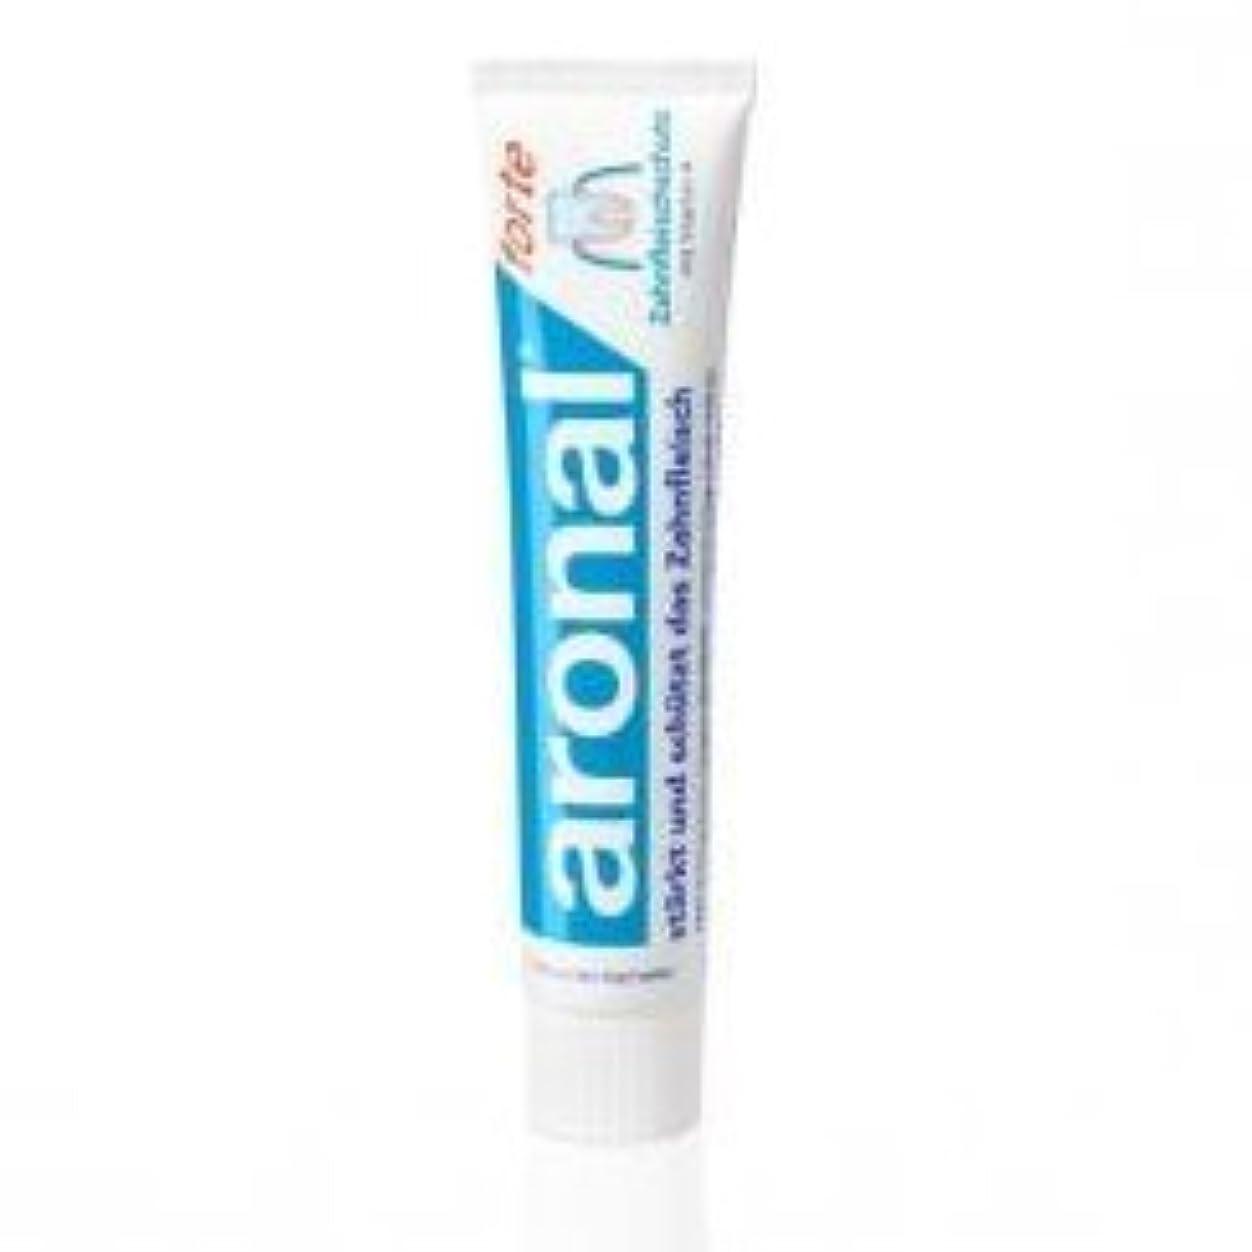 ピンスパーク腐食するアロナール(ビタミンA配合) 歯磨き粉 75ml x 1Pack (elmex aronal toothpaste 75ml) 【並行輸入品】